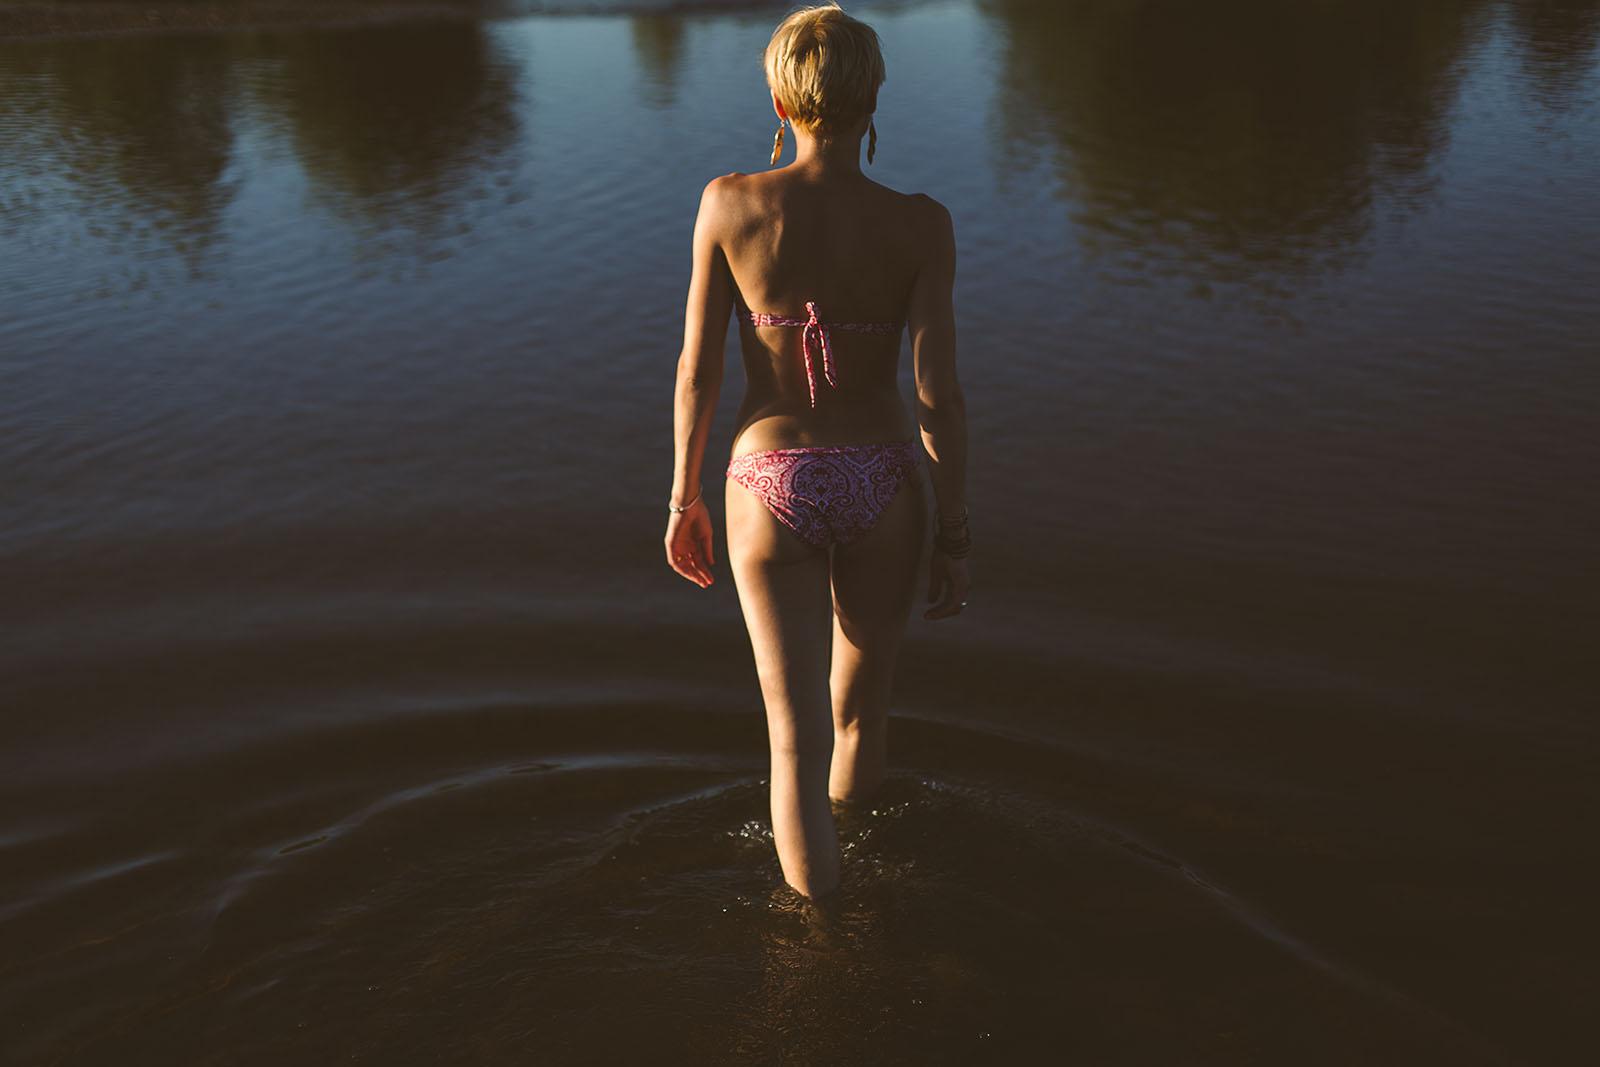 Séance photo intime en extérieur portrait femme marchant dans l'eau en maillot de bain